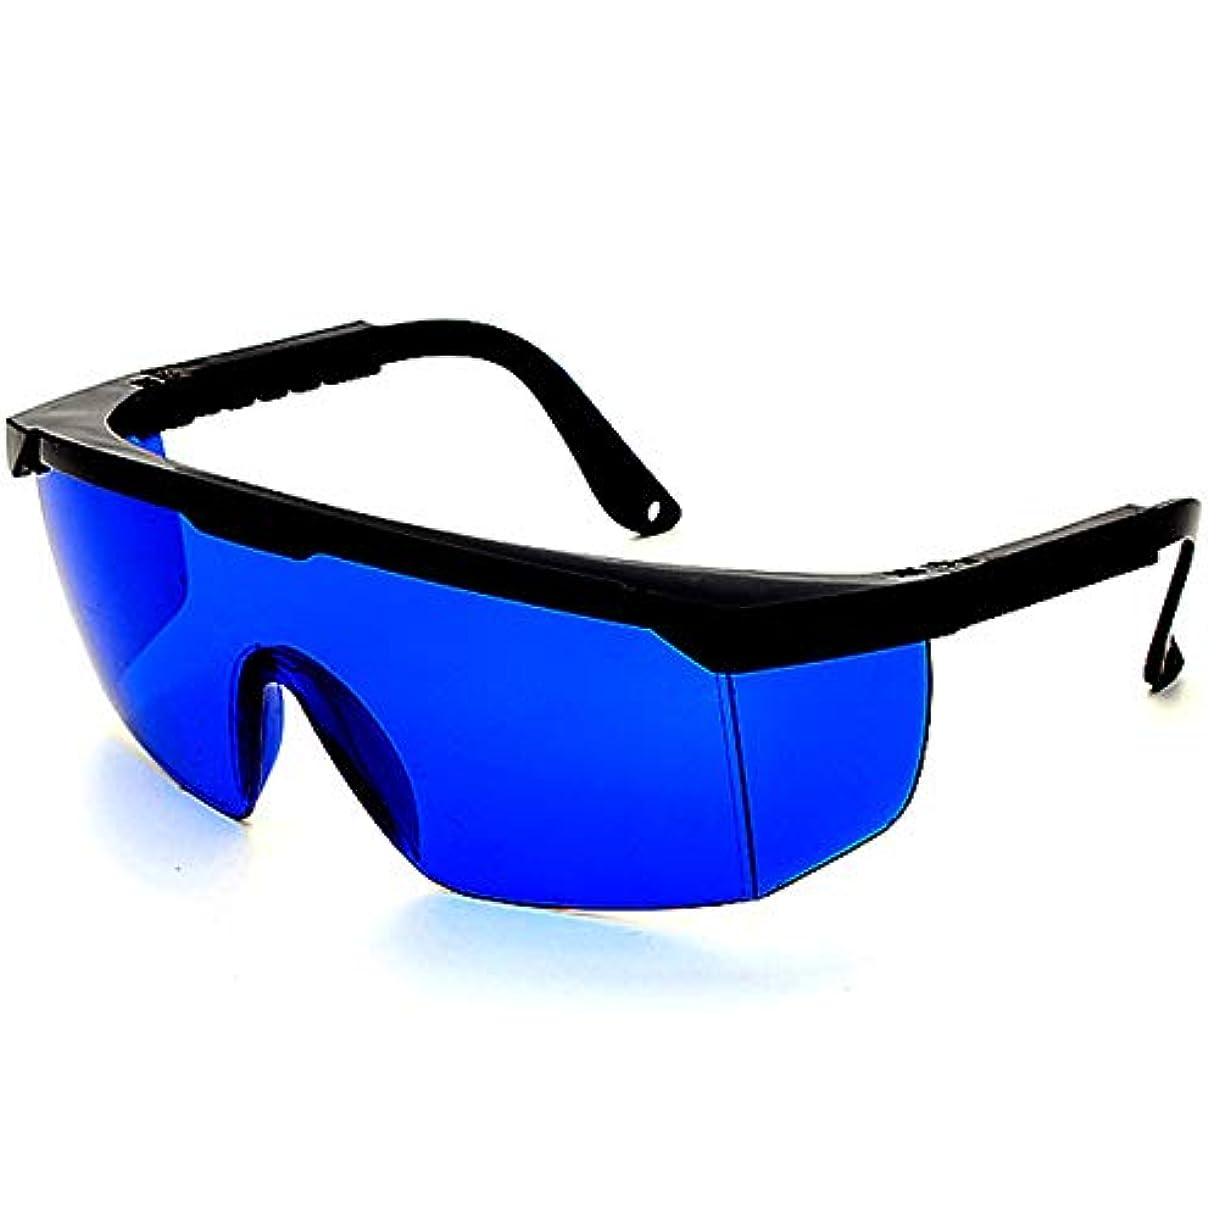 変更可能上耐久レーザー保護メガネIPL美容機器メガネ、レーザーメガネ - 2組のパルス光保護メガネ。